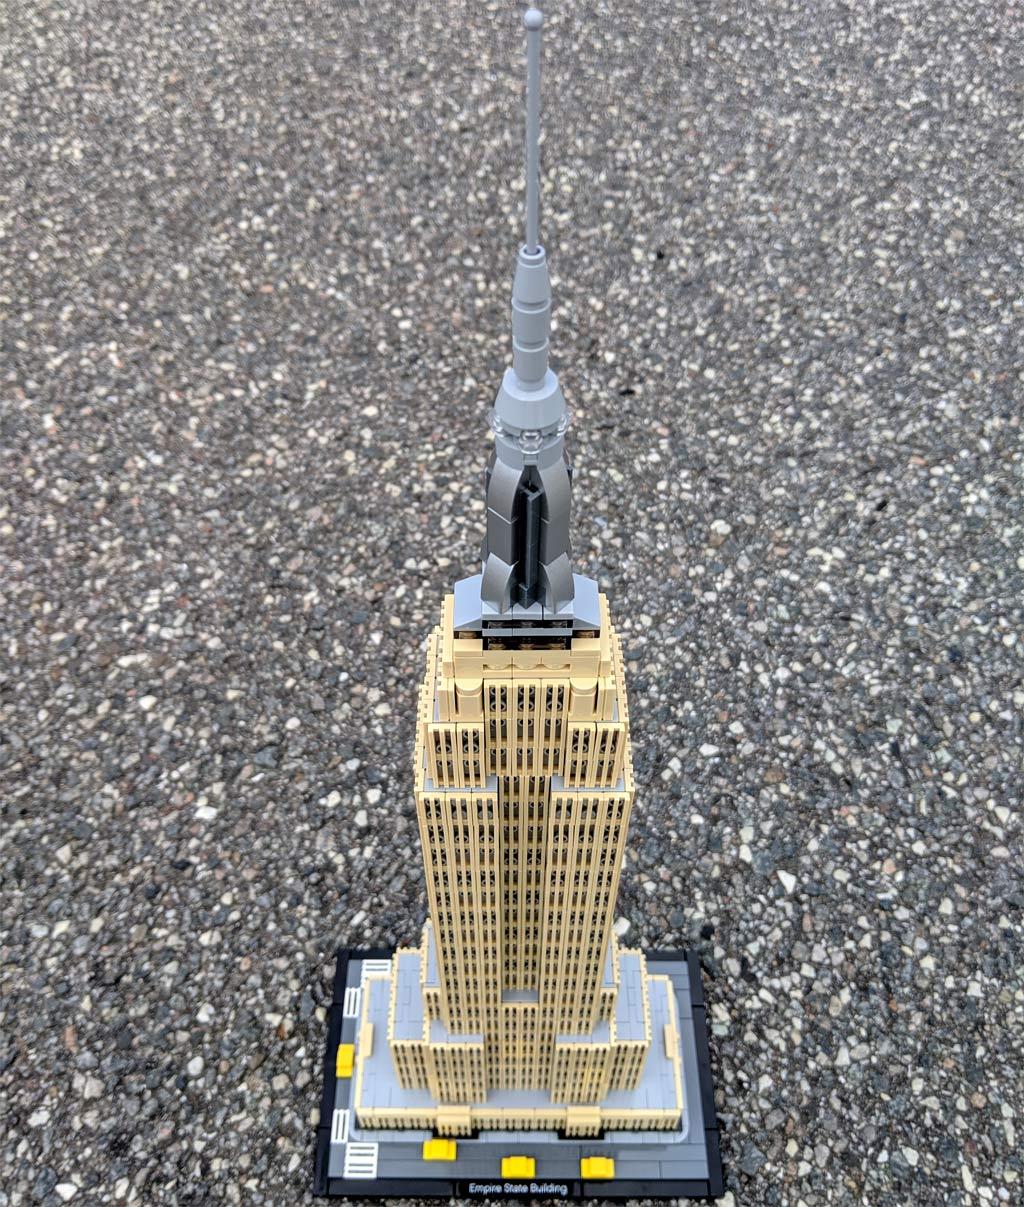 lego-architecture-empire-state-building-21046-ueberflug-2019-zusammengebaut-andres-lehmann zusammengebaut.com